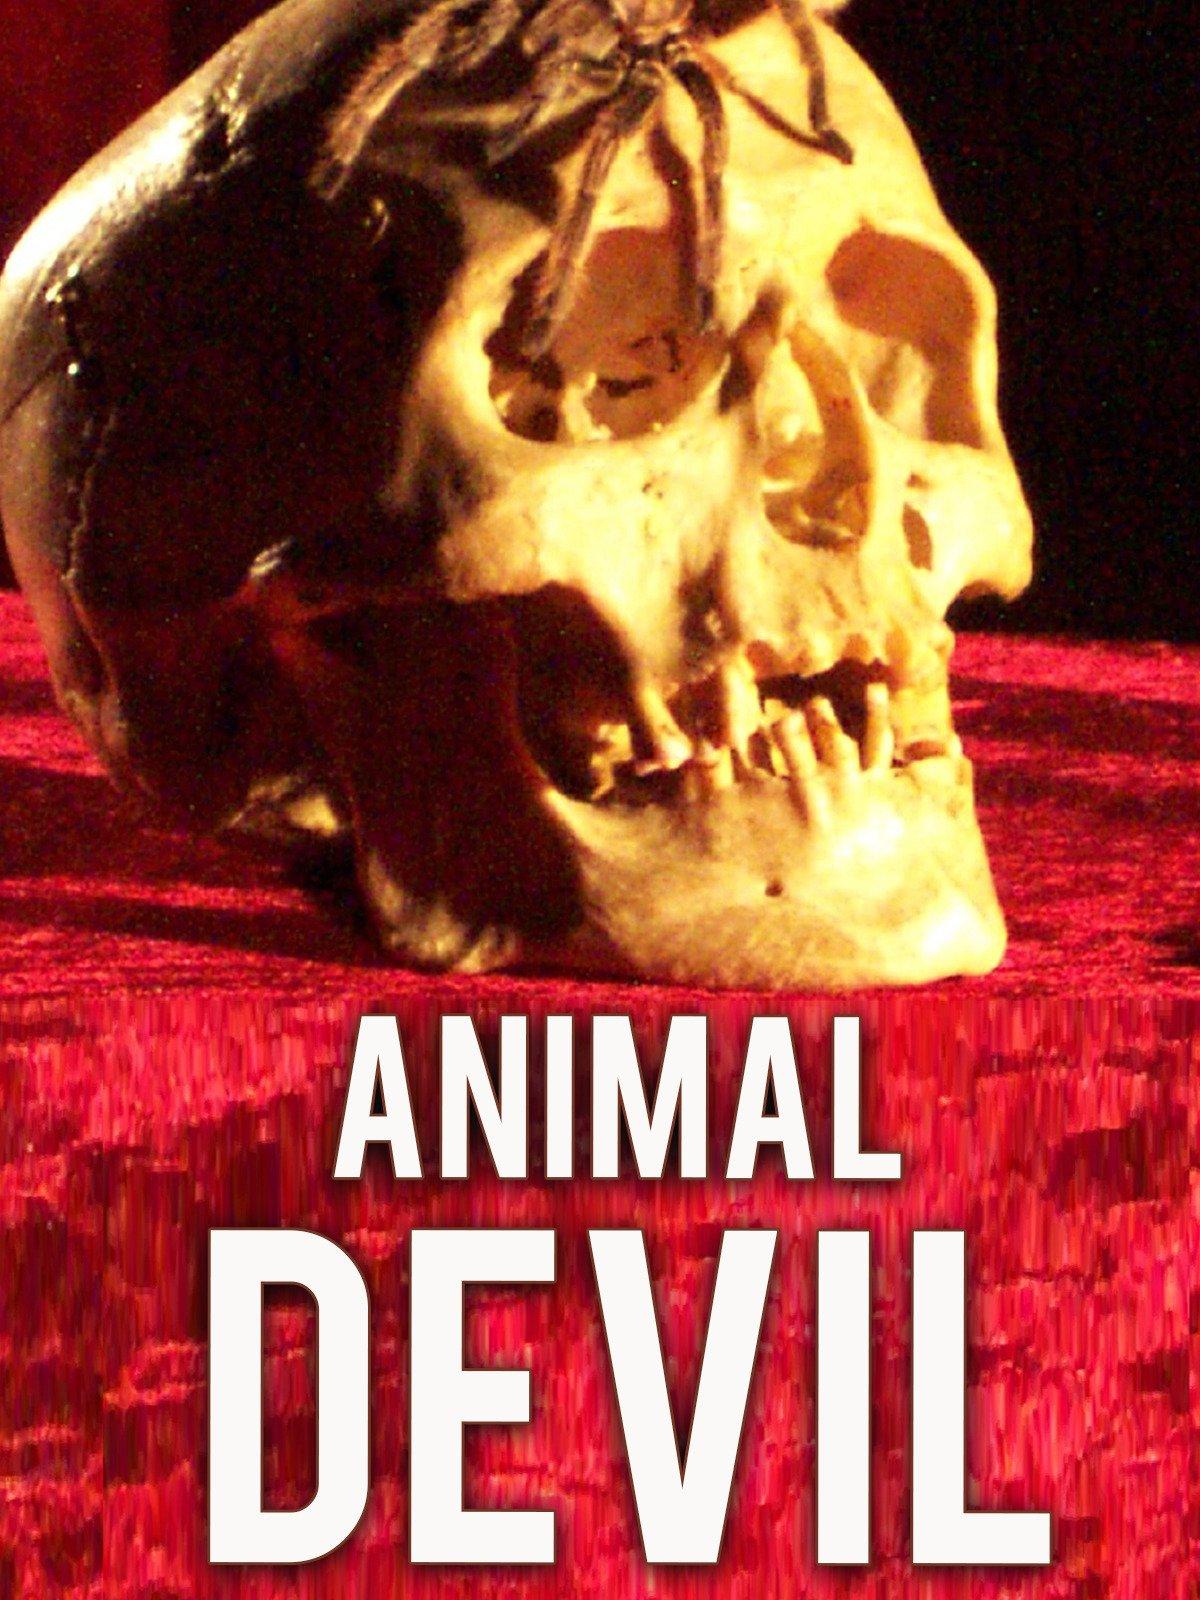 Animal Devil